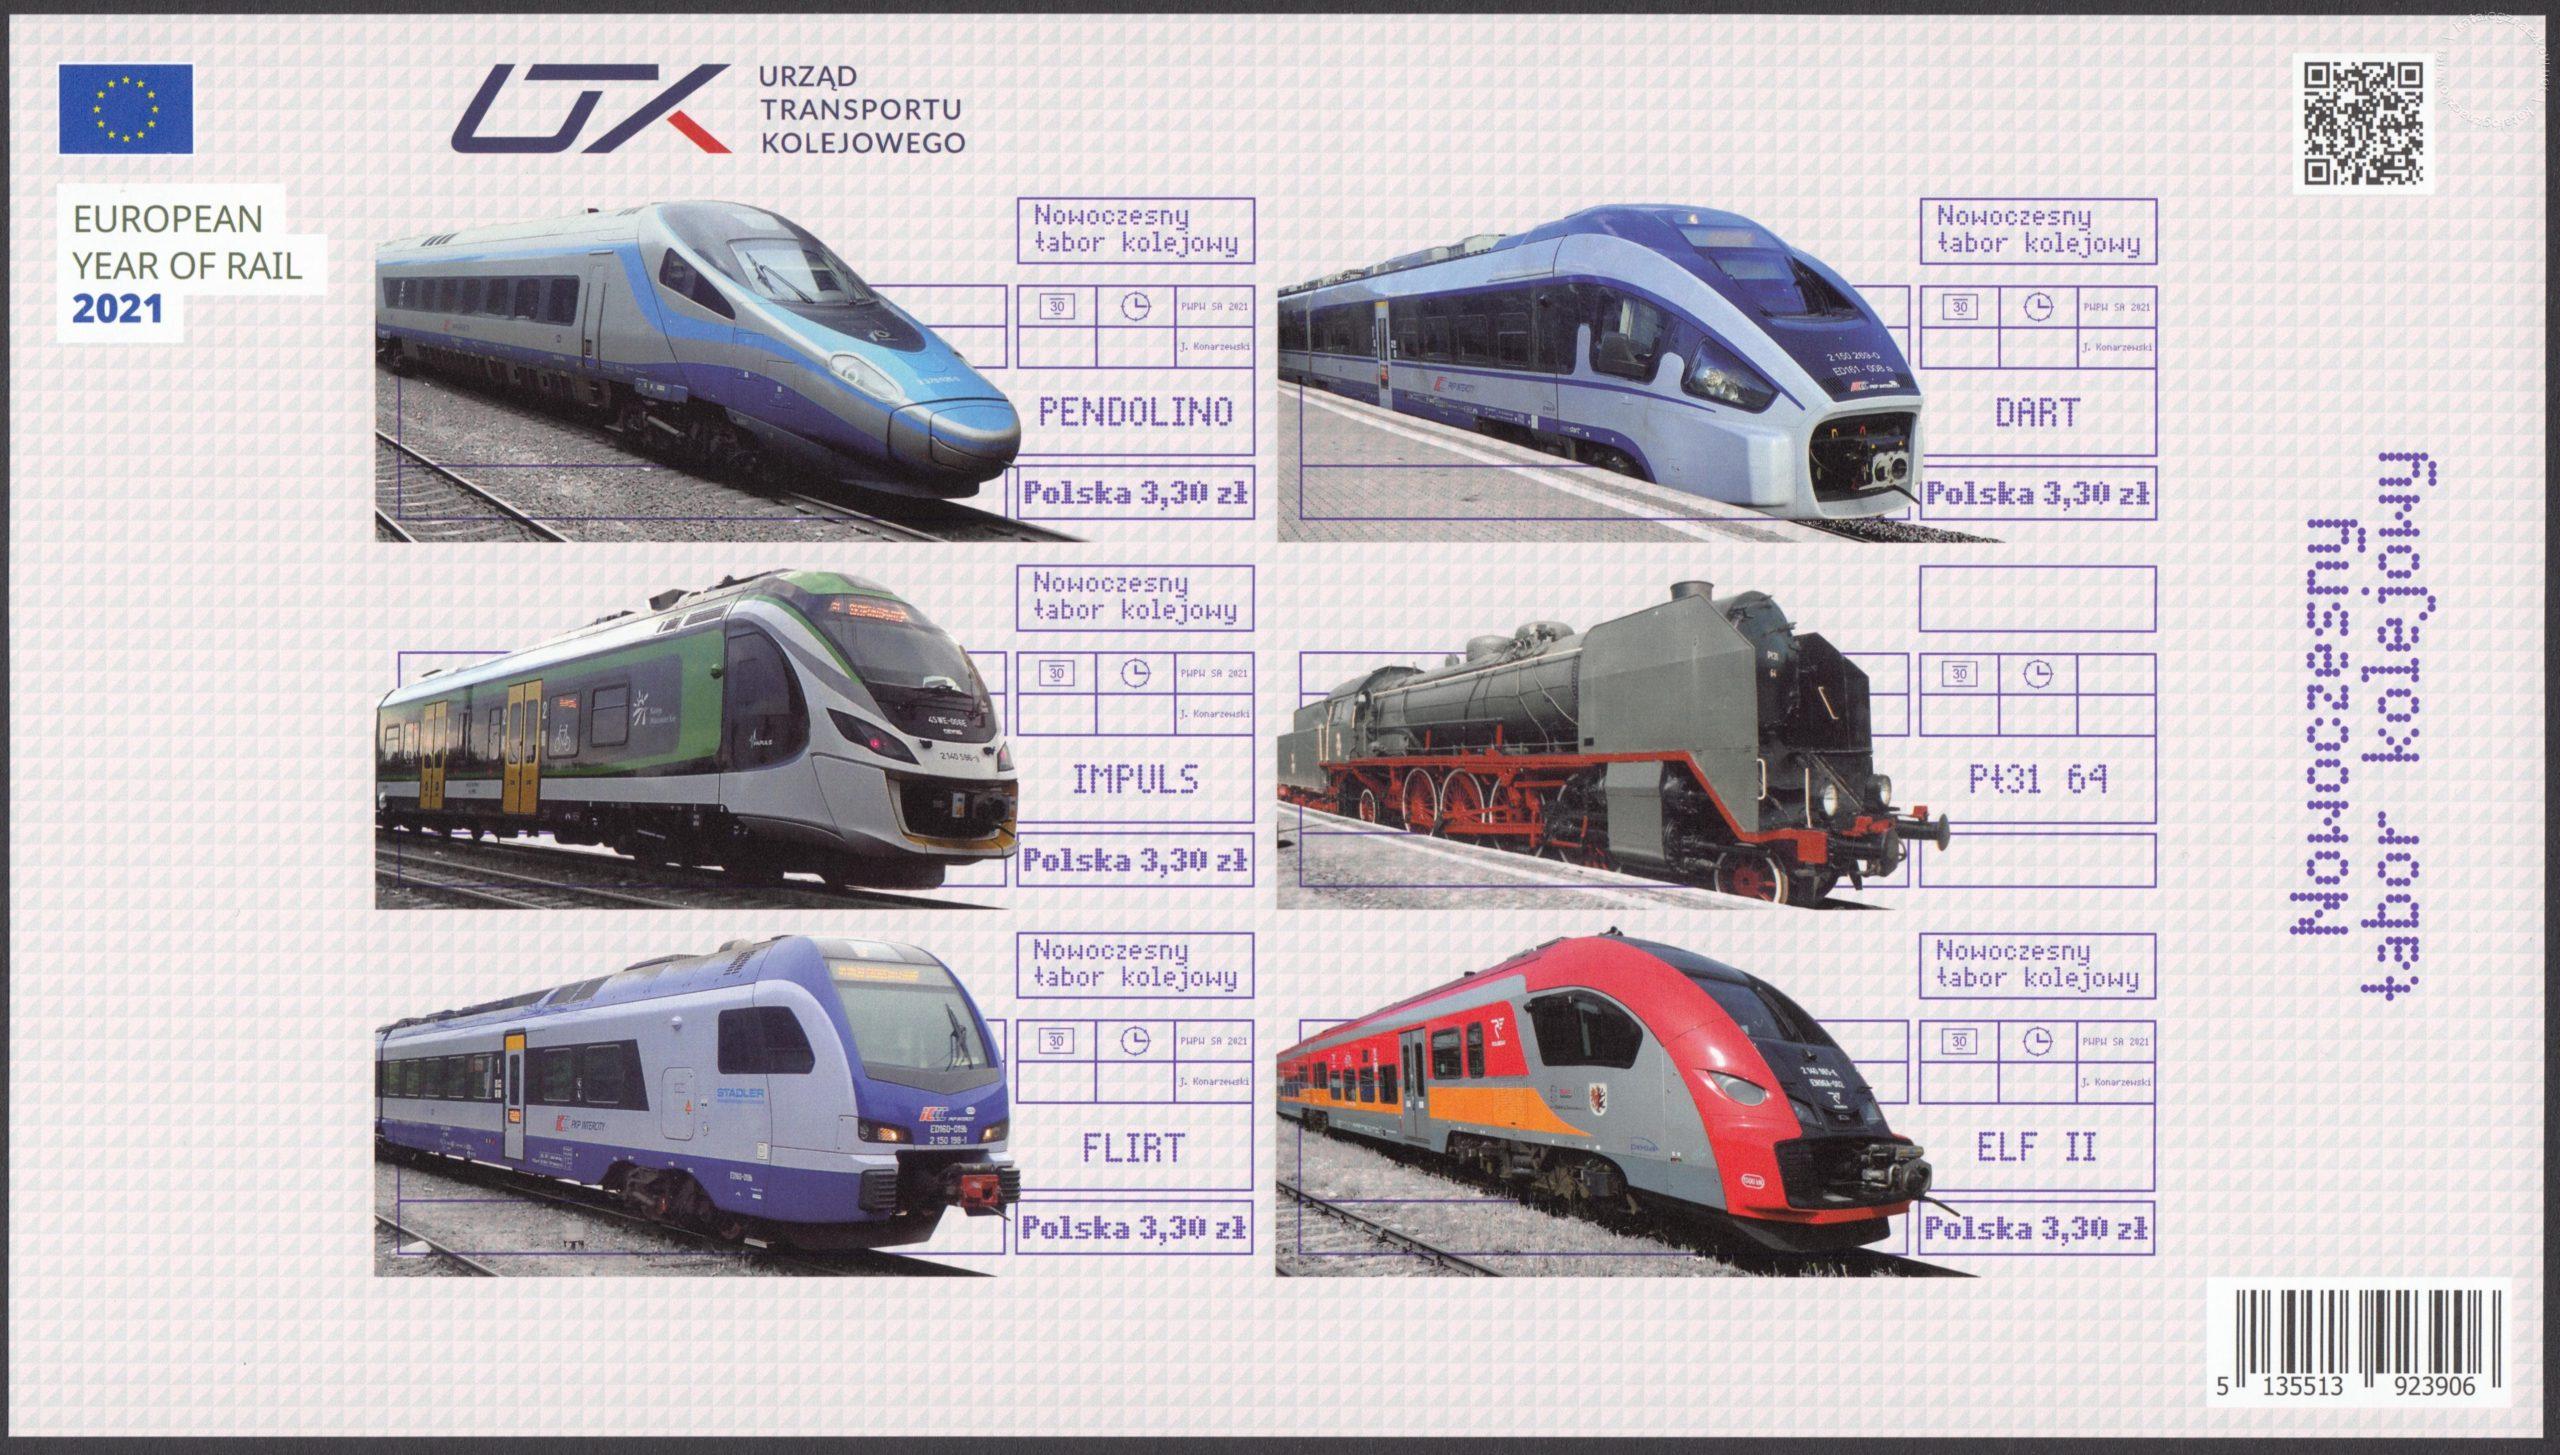 Nowoczesny tabor kolejowy – Blok 238A